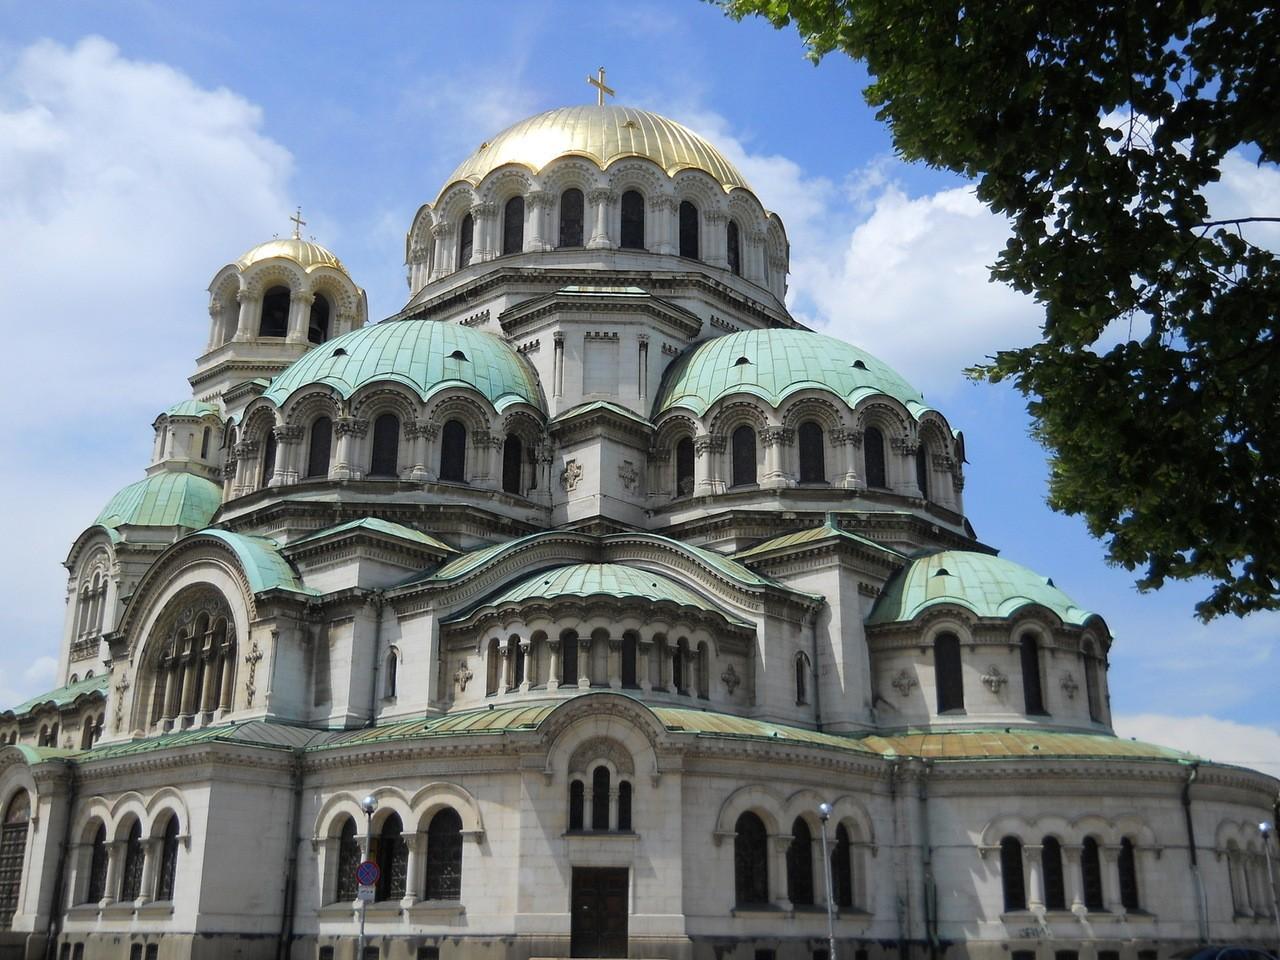 Bułgaria – pomysł na wakacje w Europie